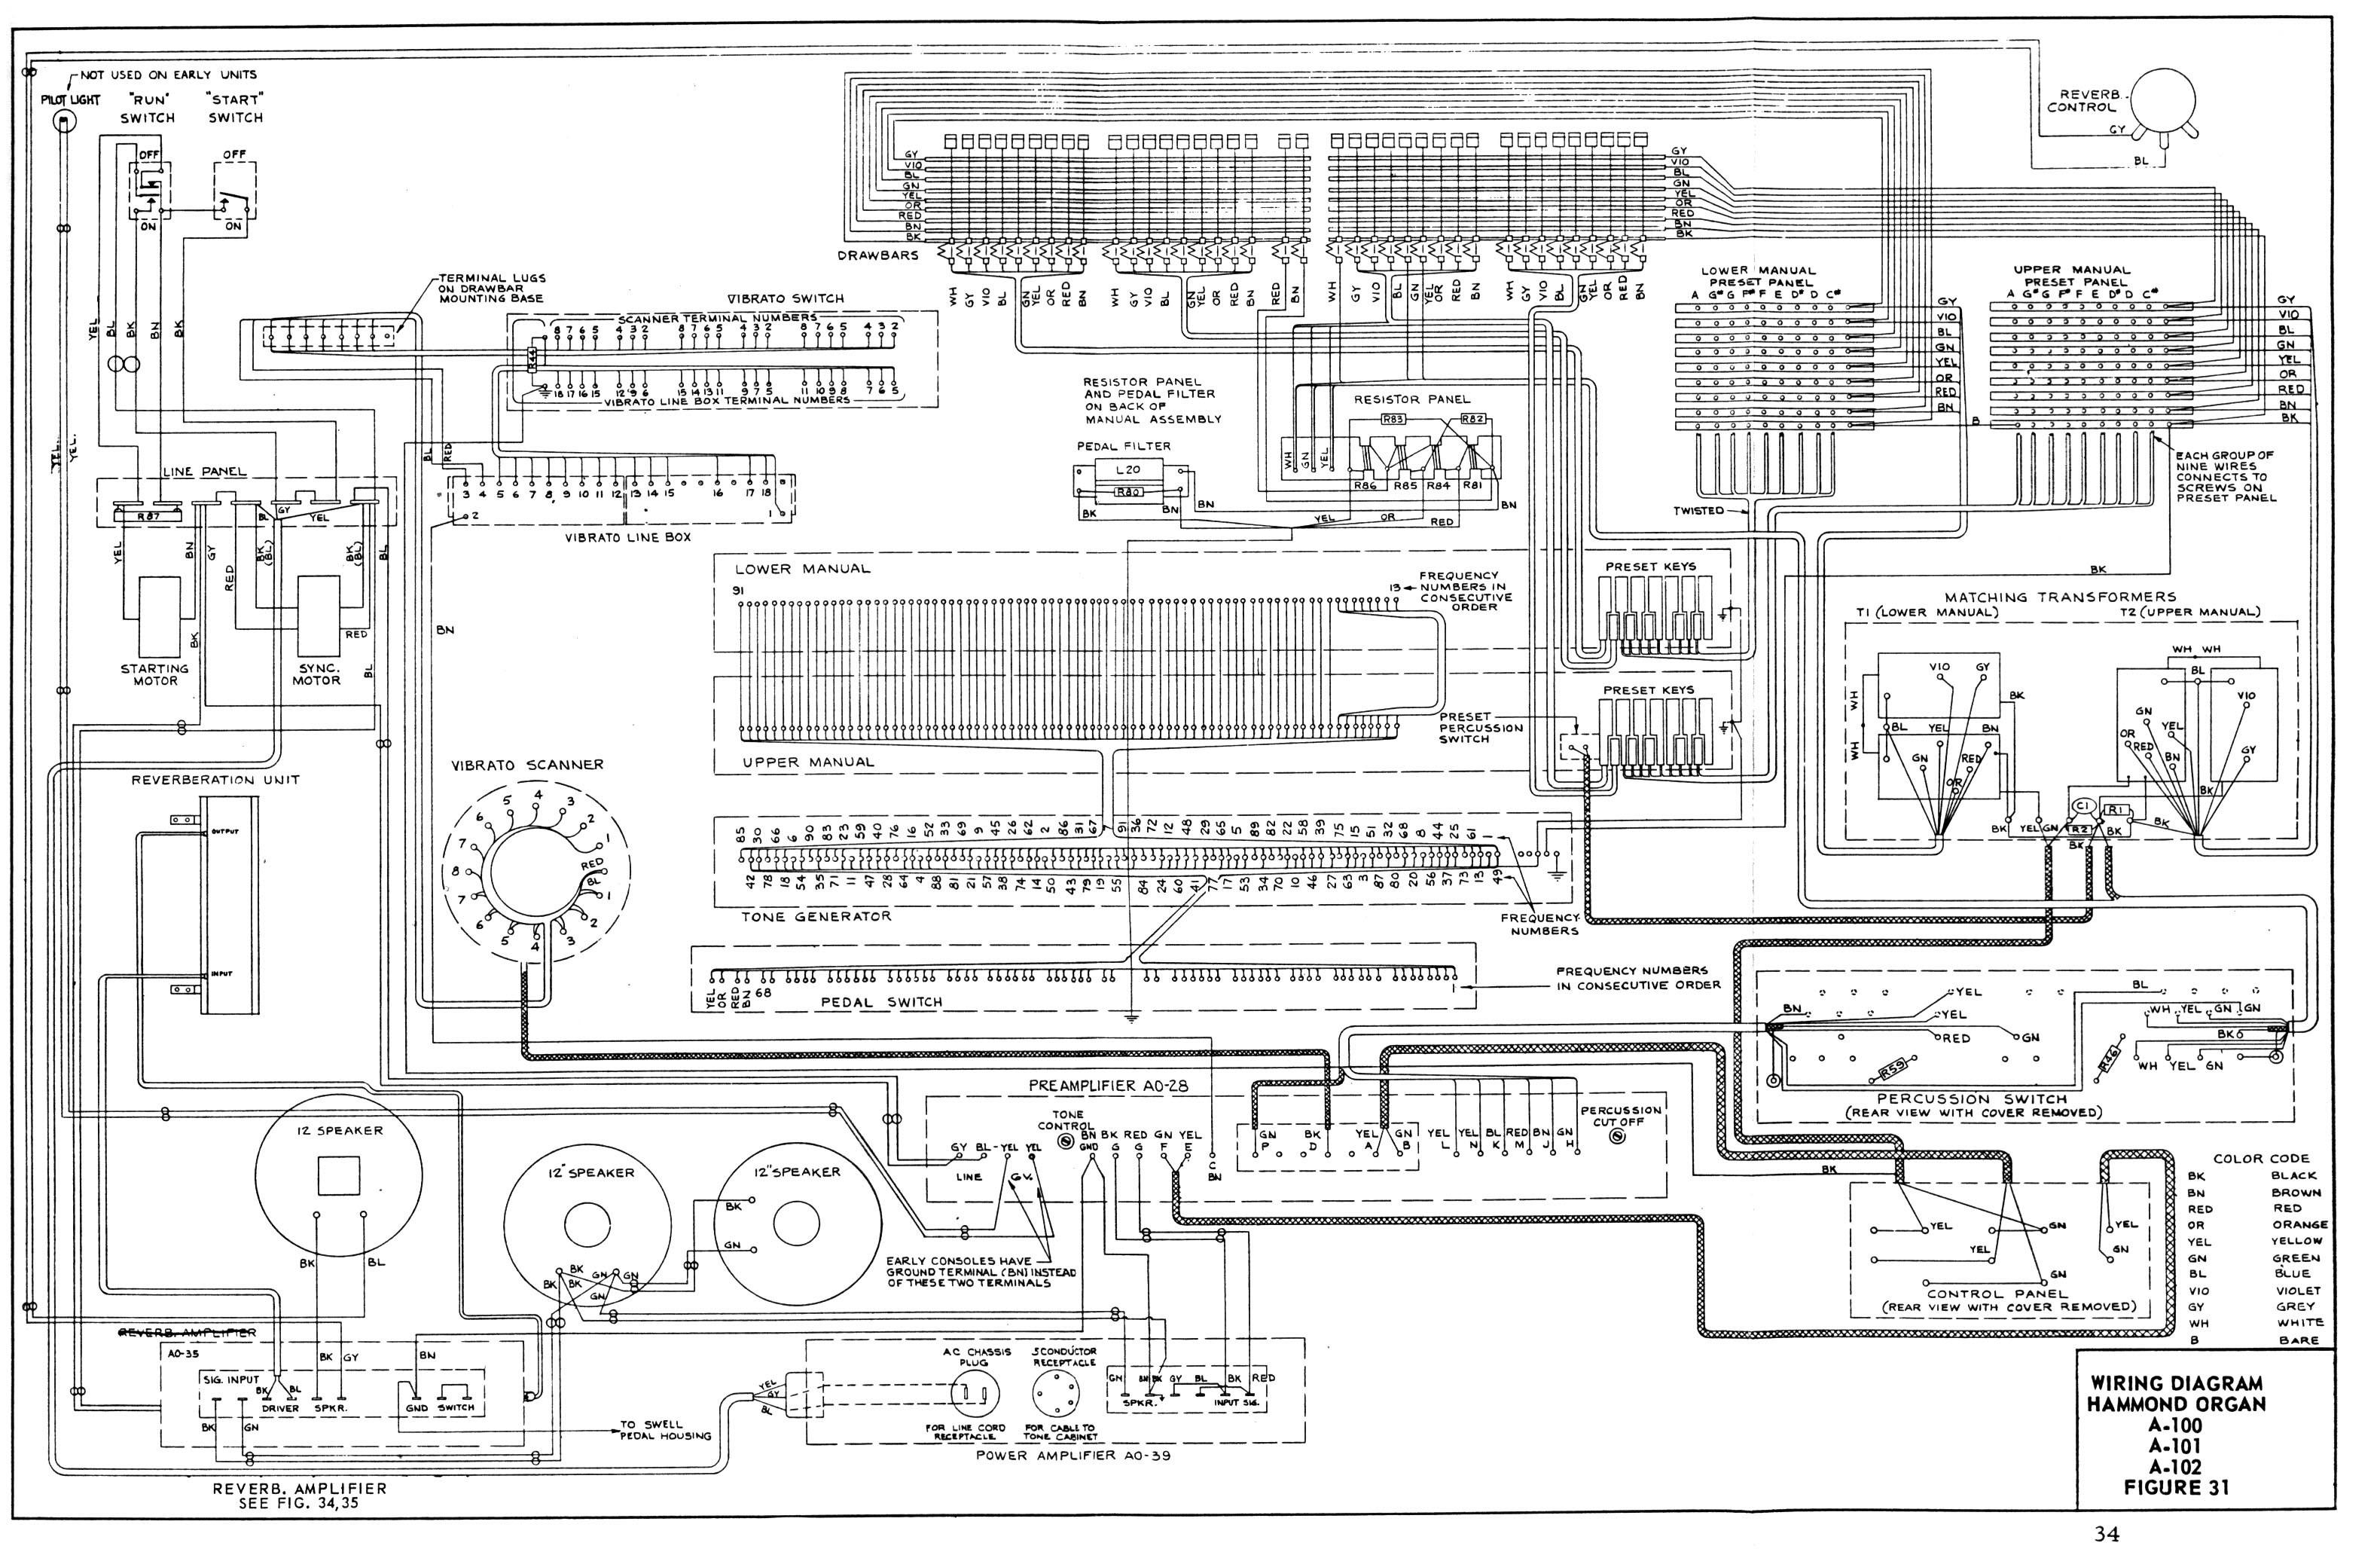 Full Size of Diagram diagram Marvelous Fisher Minute Mount Wiring Light Size of Diagram diagram Marvelous Fisher Minute Mount Wiring Light